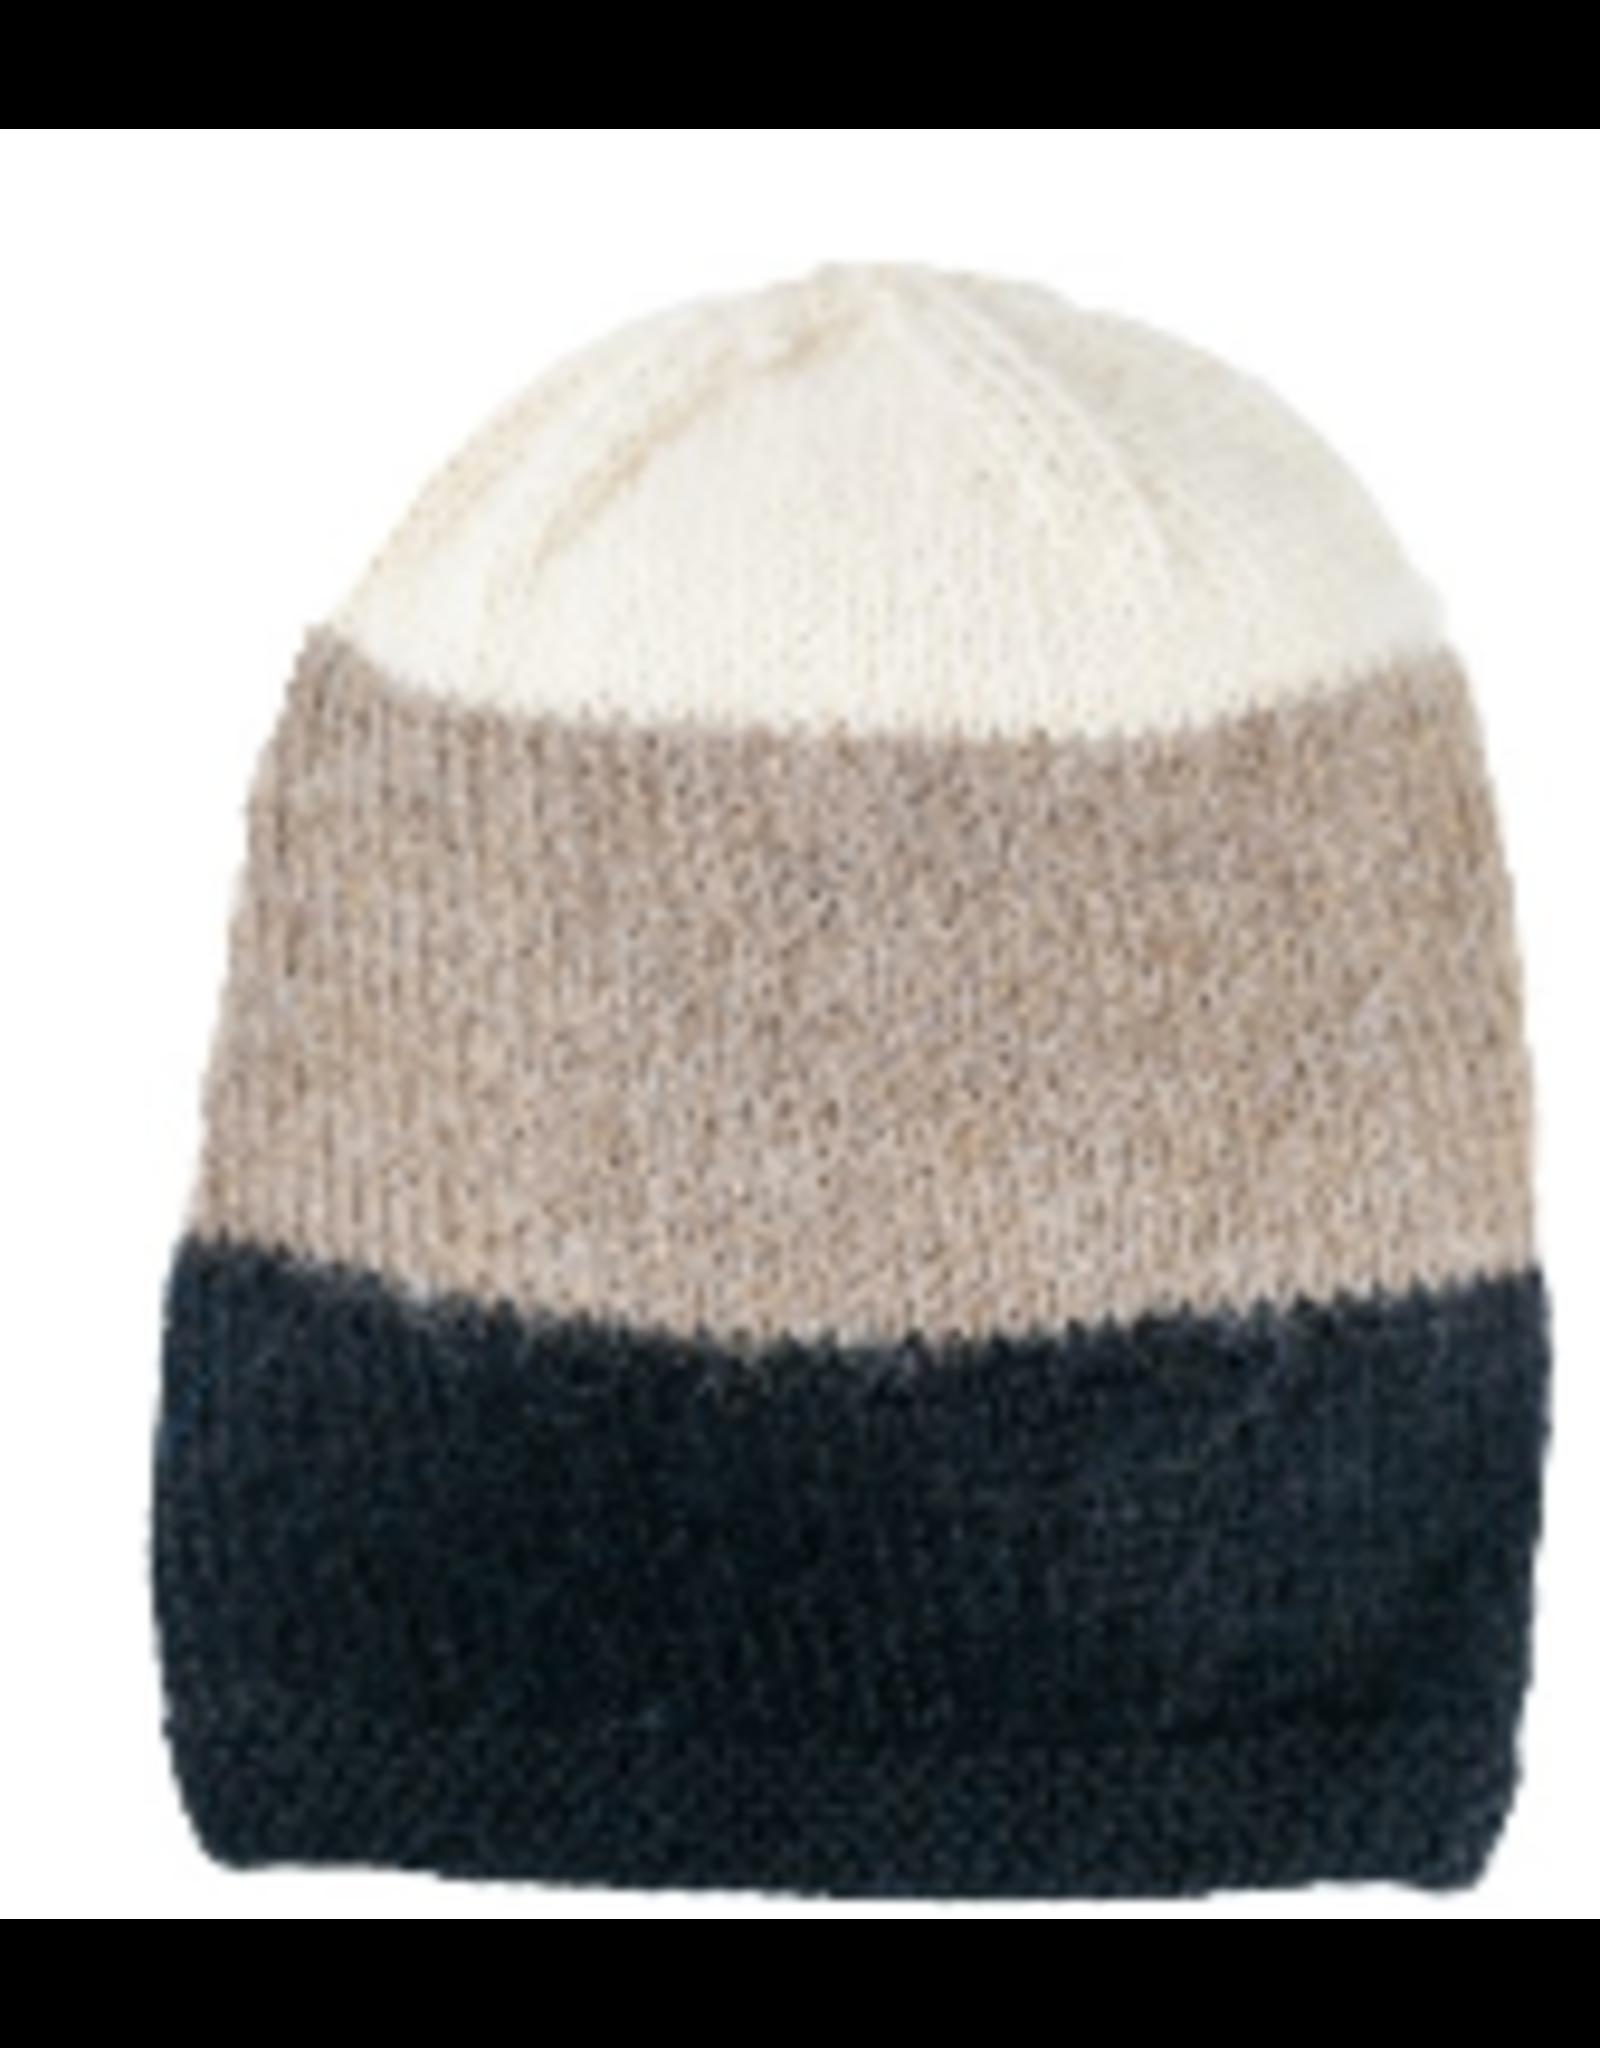 Tres Hat, Beige/Black,Peru